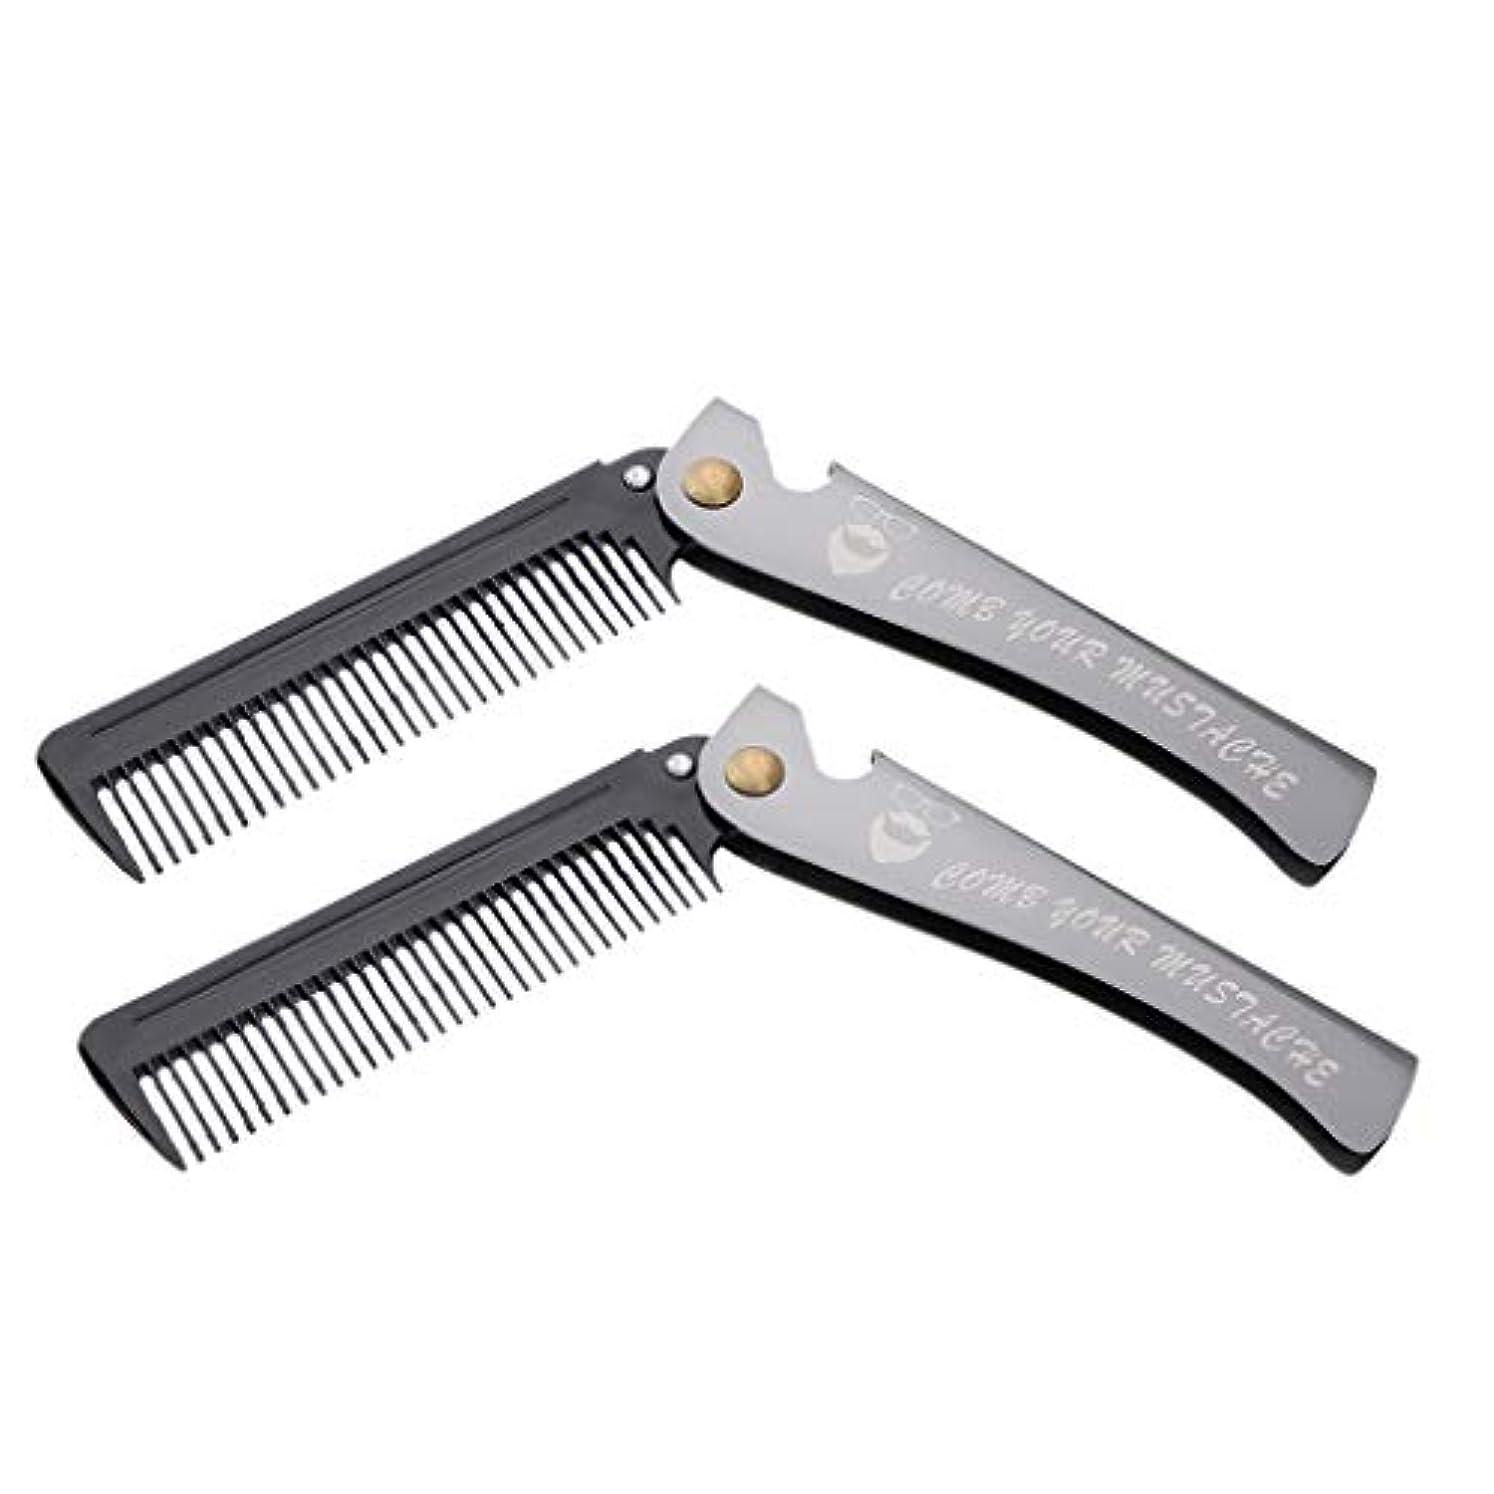 有効化ニックネーム北へT TOOYFUL 2本帯電防止折りたたみ髪髭成形コムズポケットスタイリングくし黒